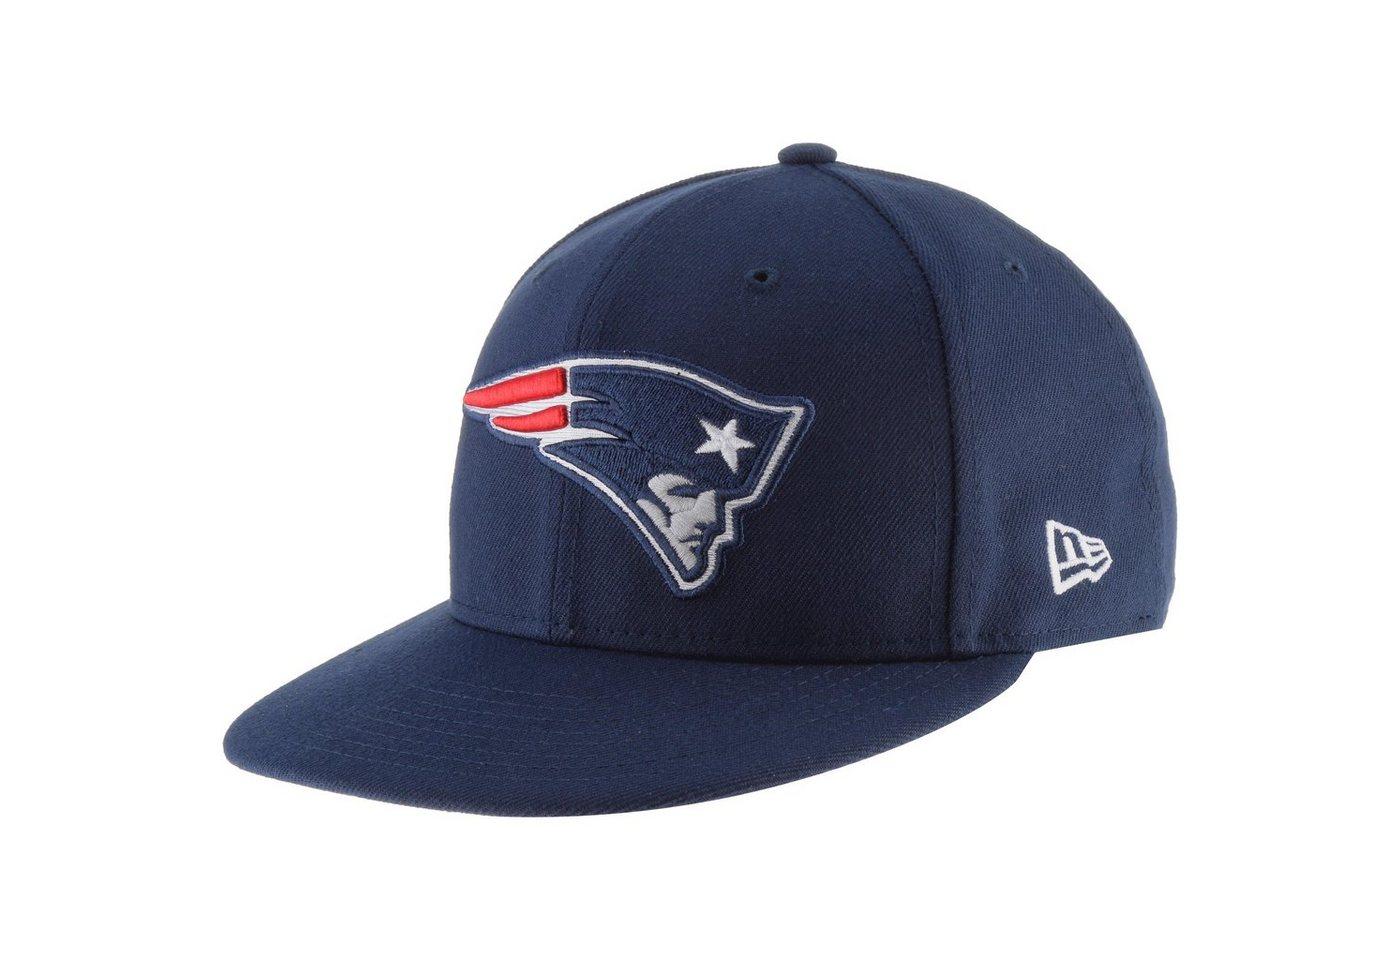 New Era Snapback Cap »59FIFTY NEW ENGLAND PATRIOTS«   Accessoires > Caps > Snapback Caps   Blau   New Era